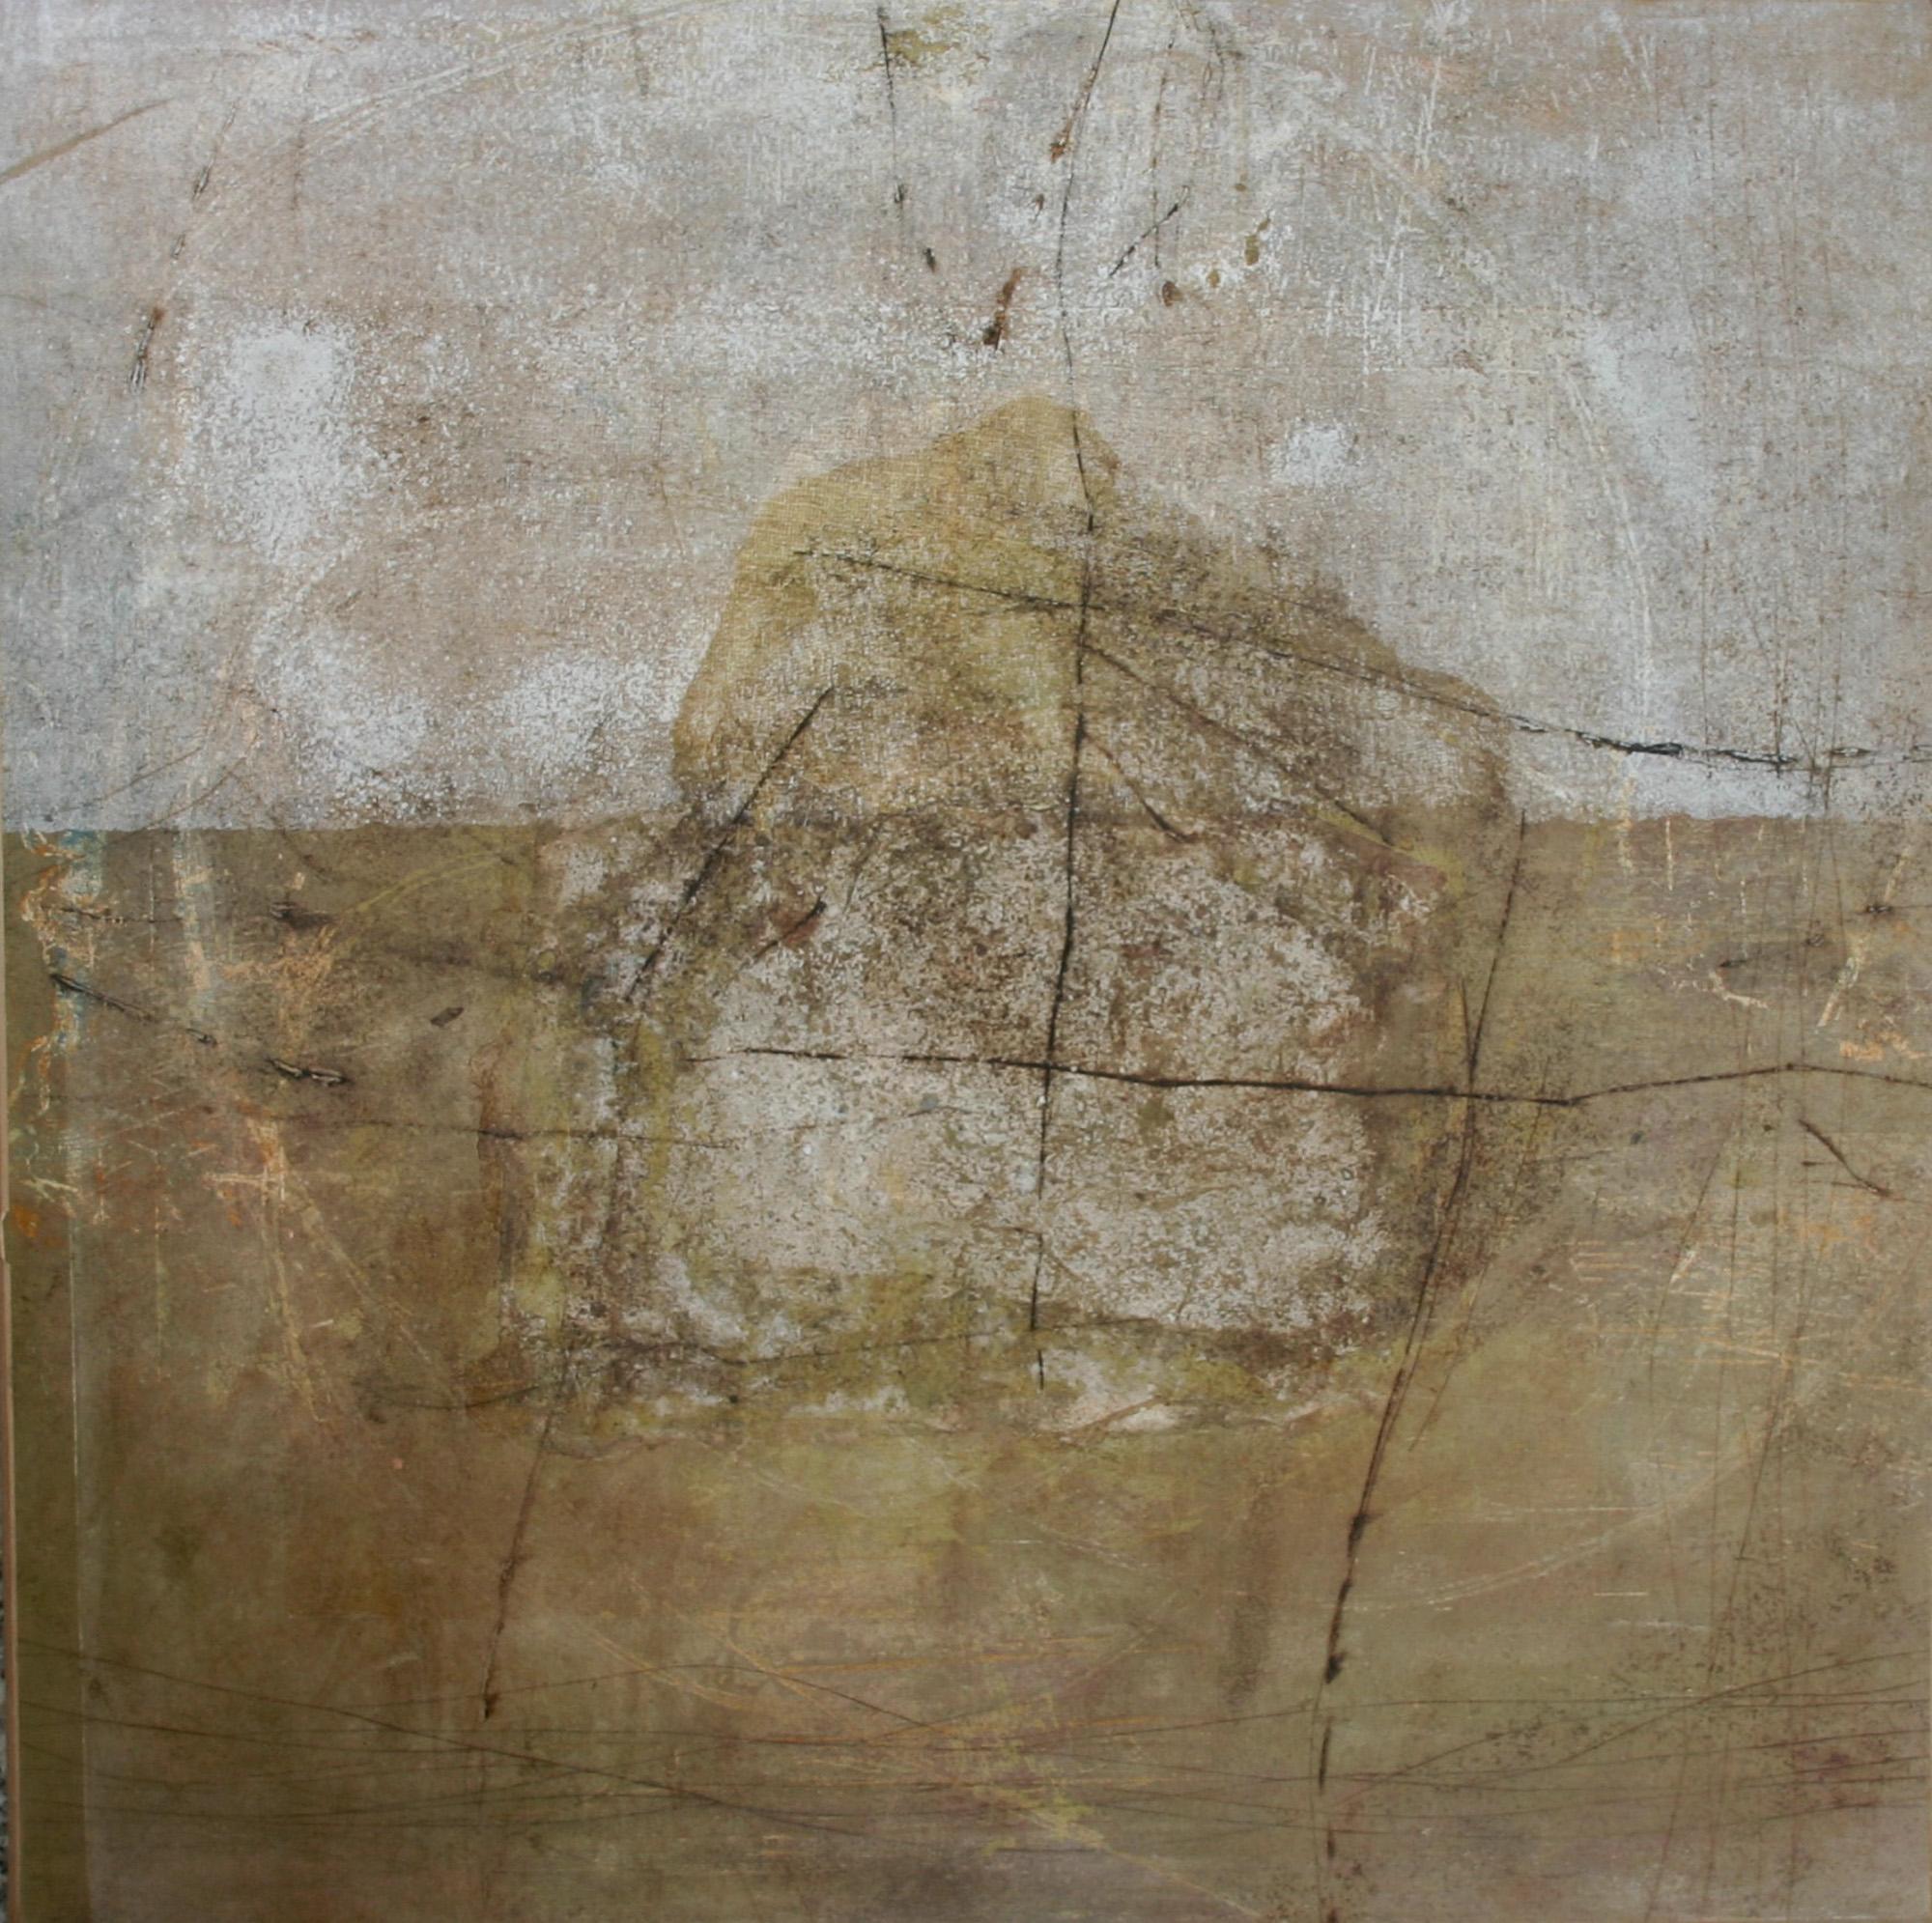 Ciel et sienne, 2004, Peinture 50x50cm